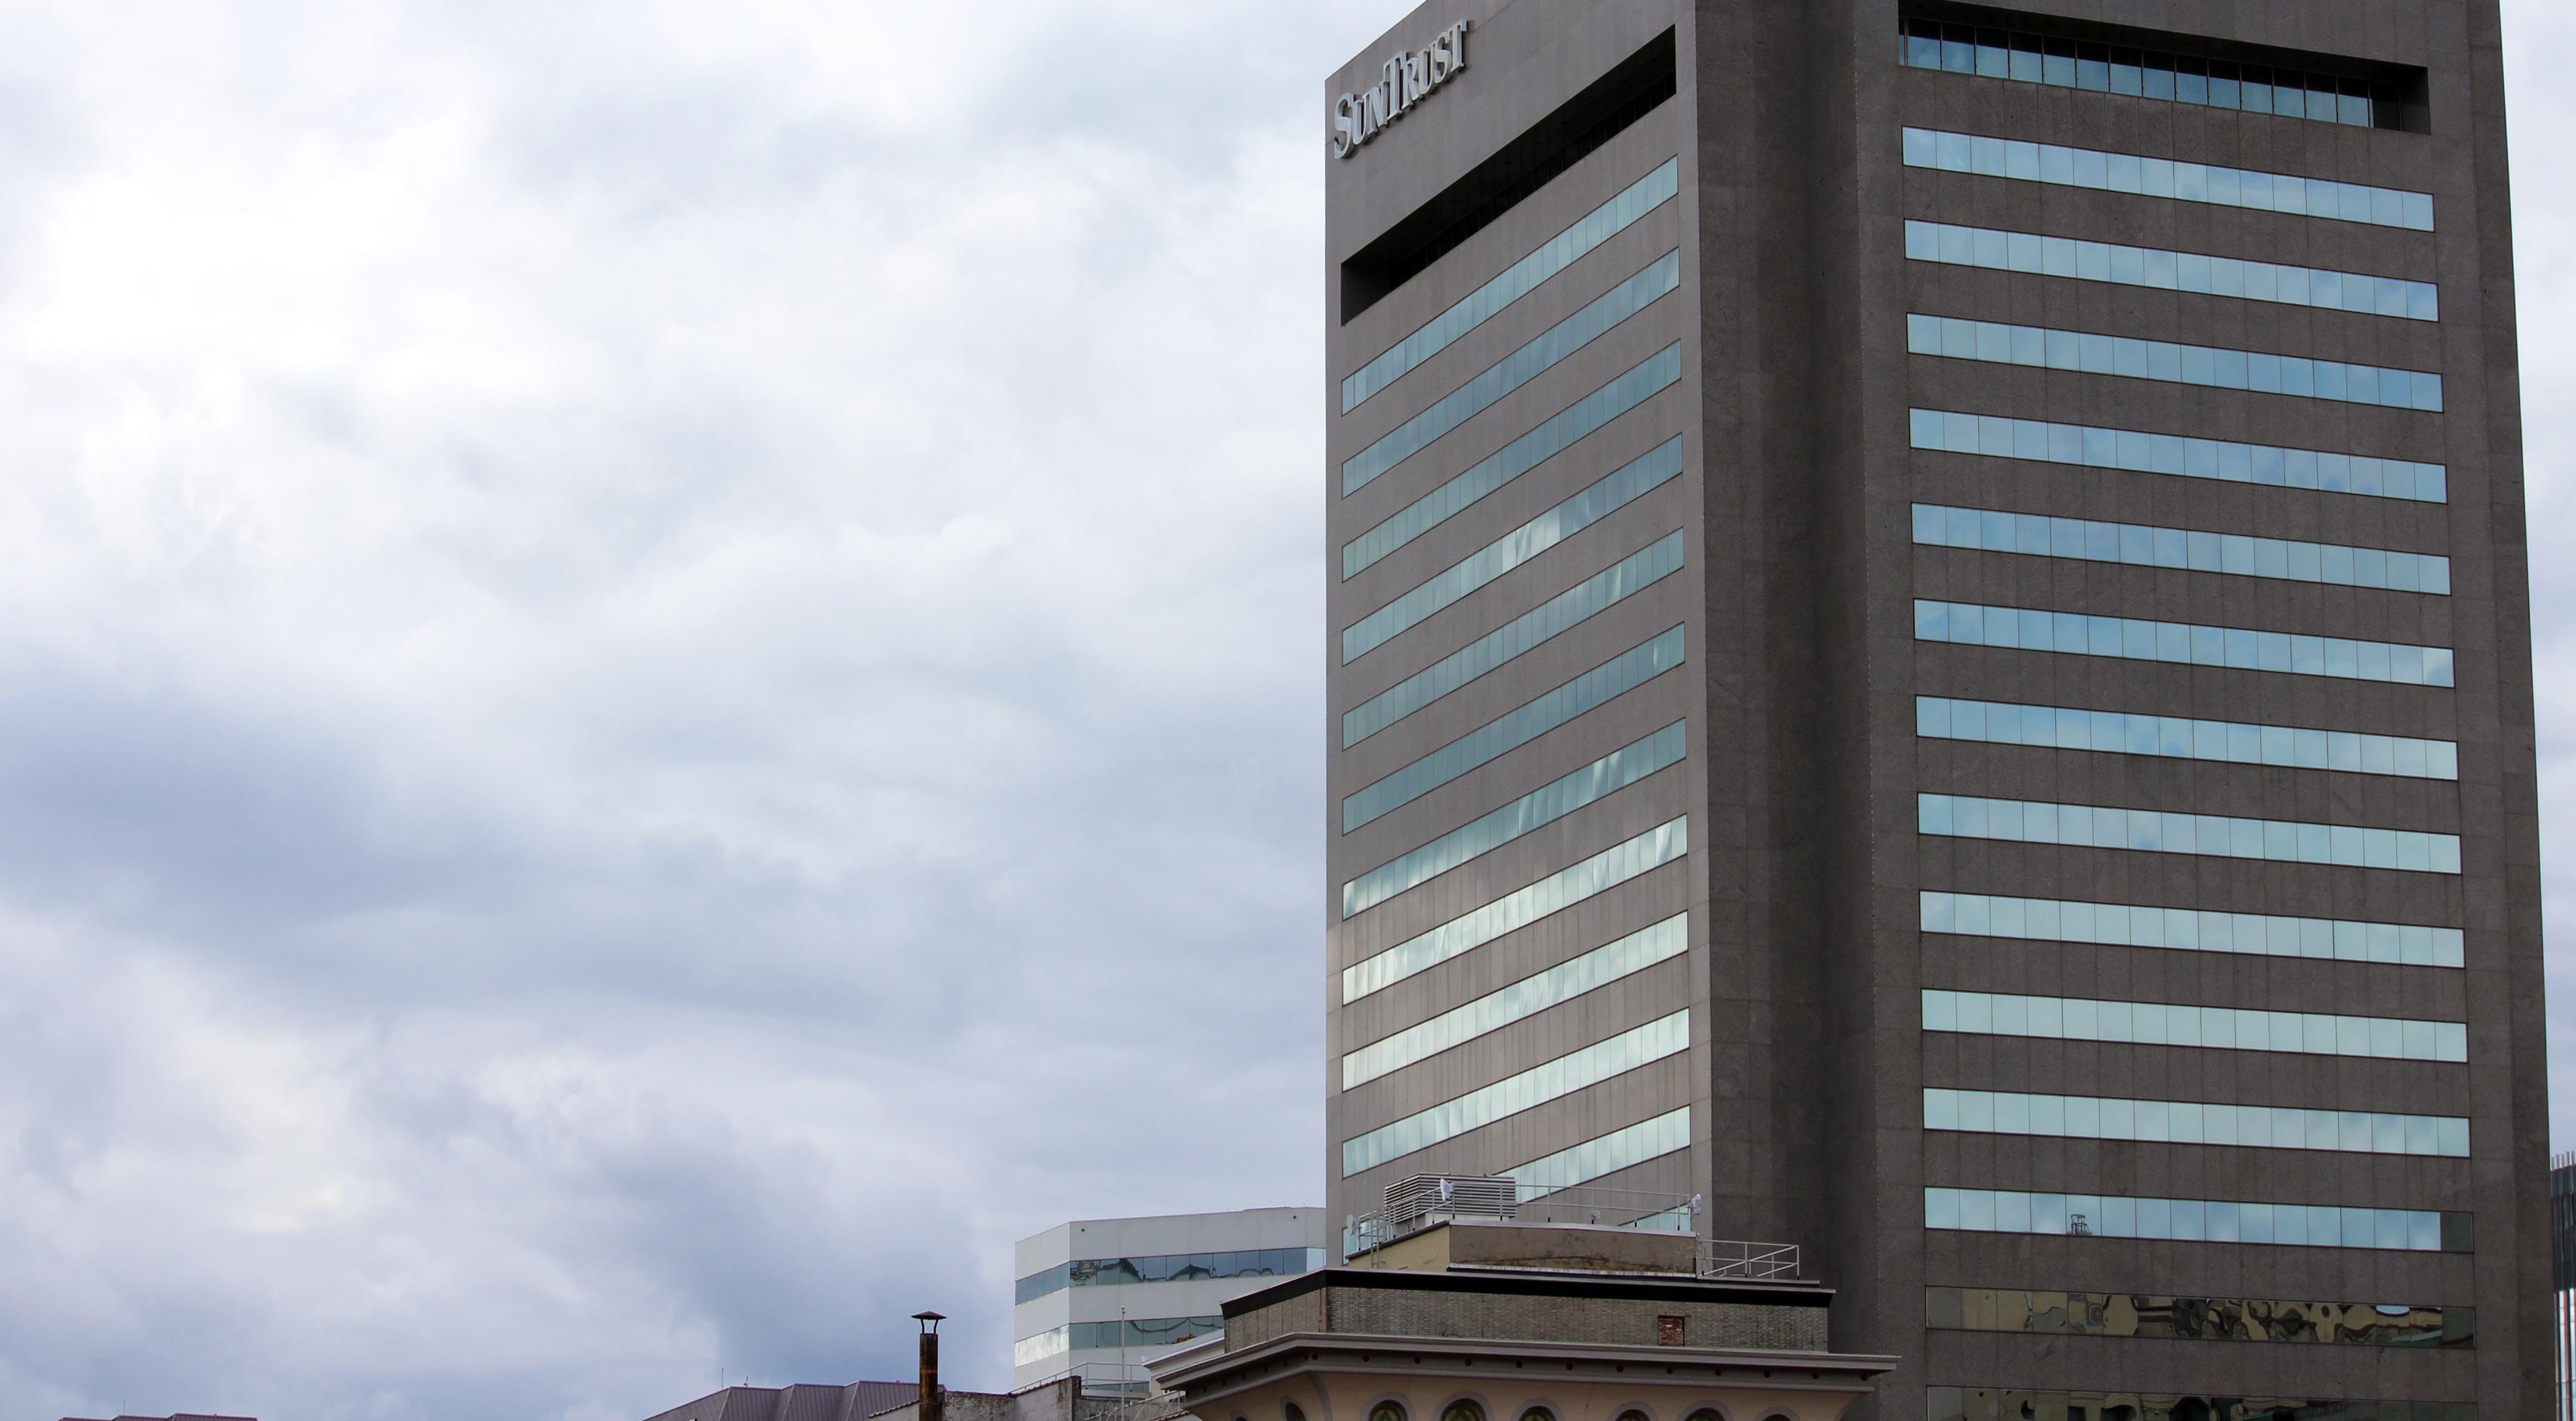 SunTrust Center, Riverfront Plaza get a jolt - Richmond BizSense